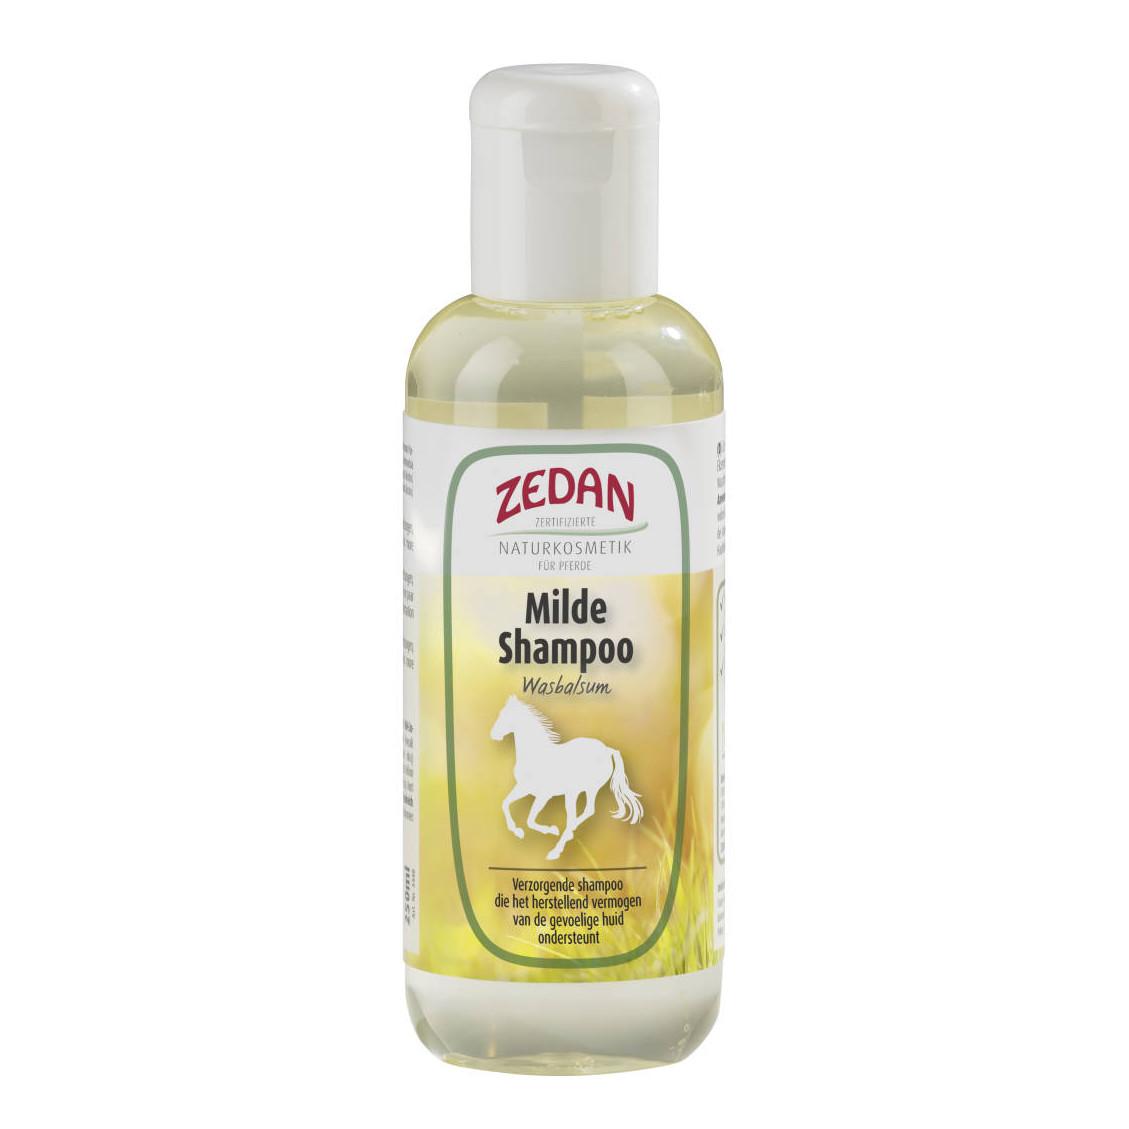 Zedan Eczeem Shampoo 250ml